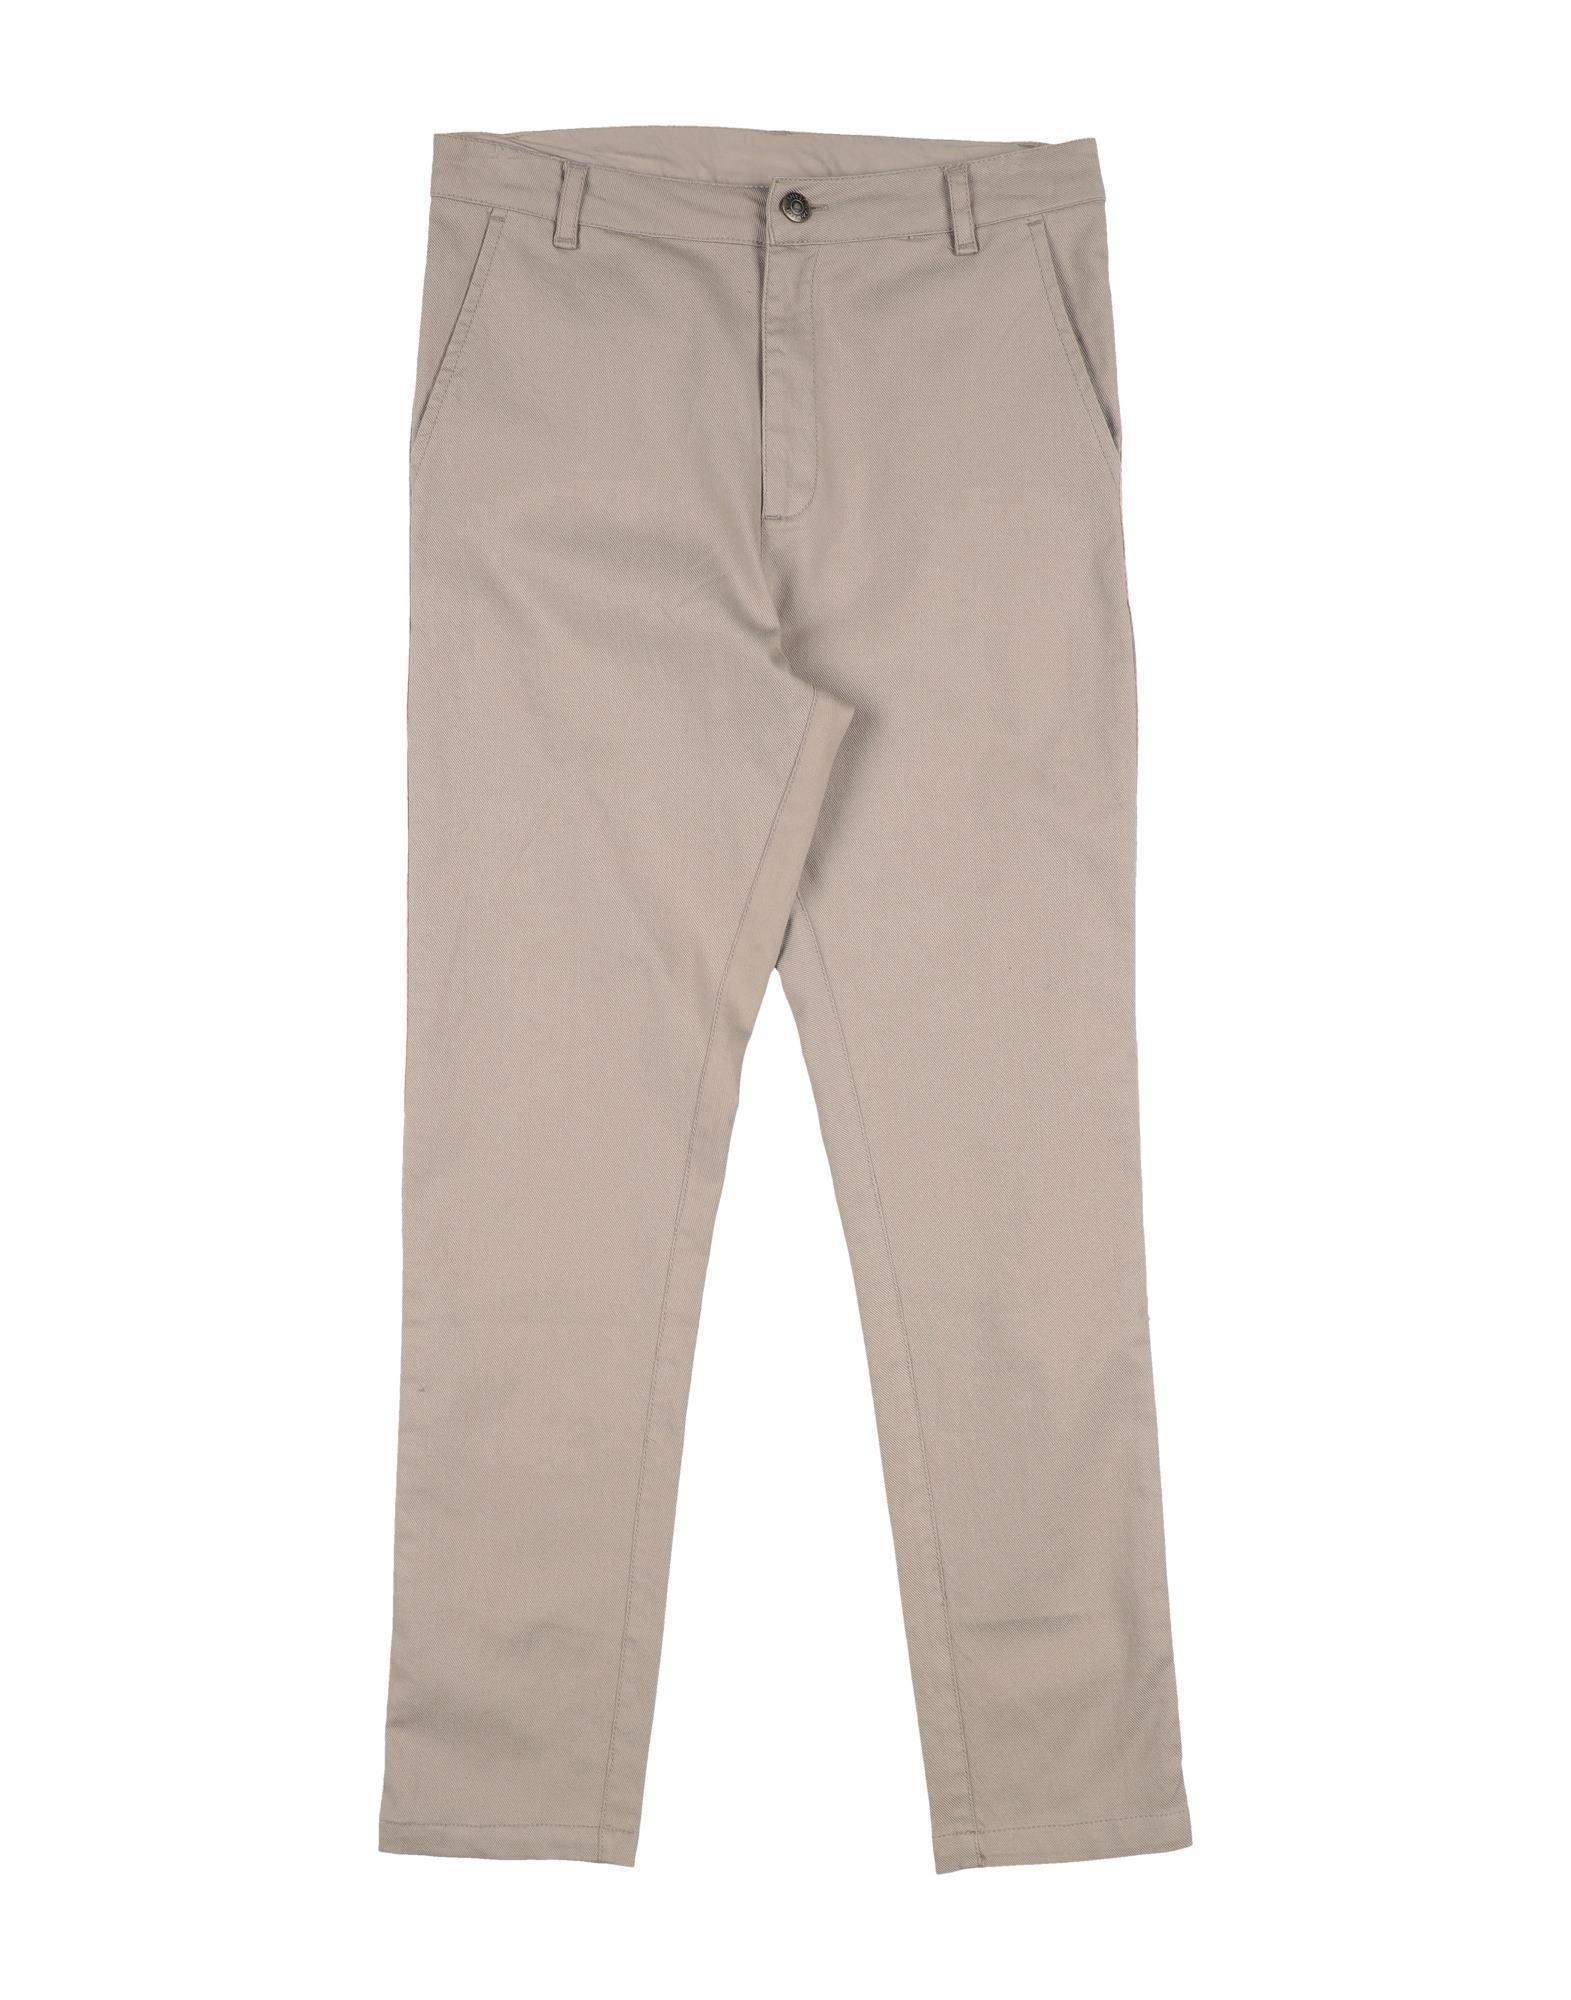 Marmar Copenhagen Kids' Casual Pants In Neutrals